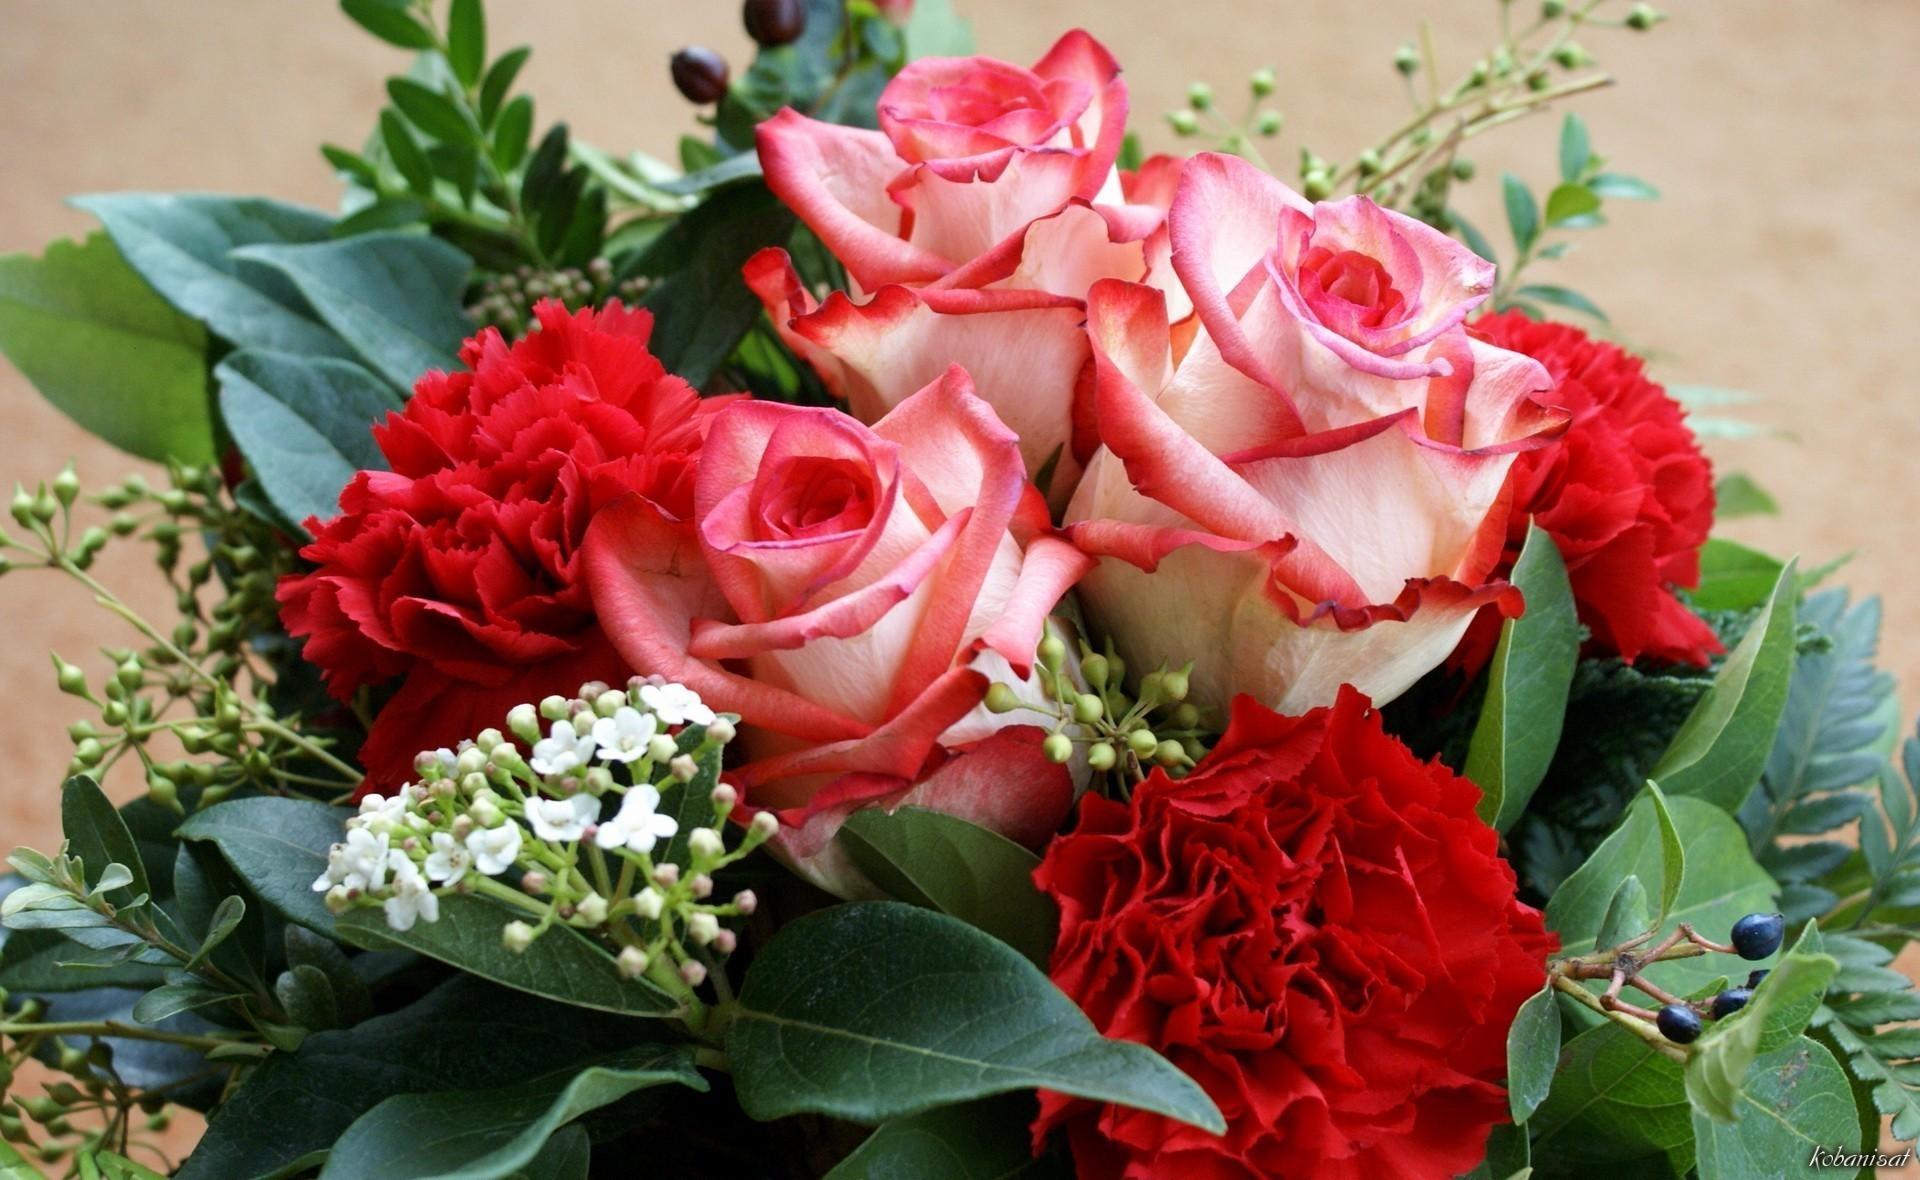 بالصور صور ورد حب , الورد وتعبيره عن المحبة والرومانسية بين العشاق 3284 2